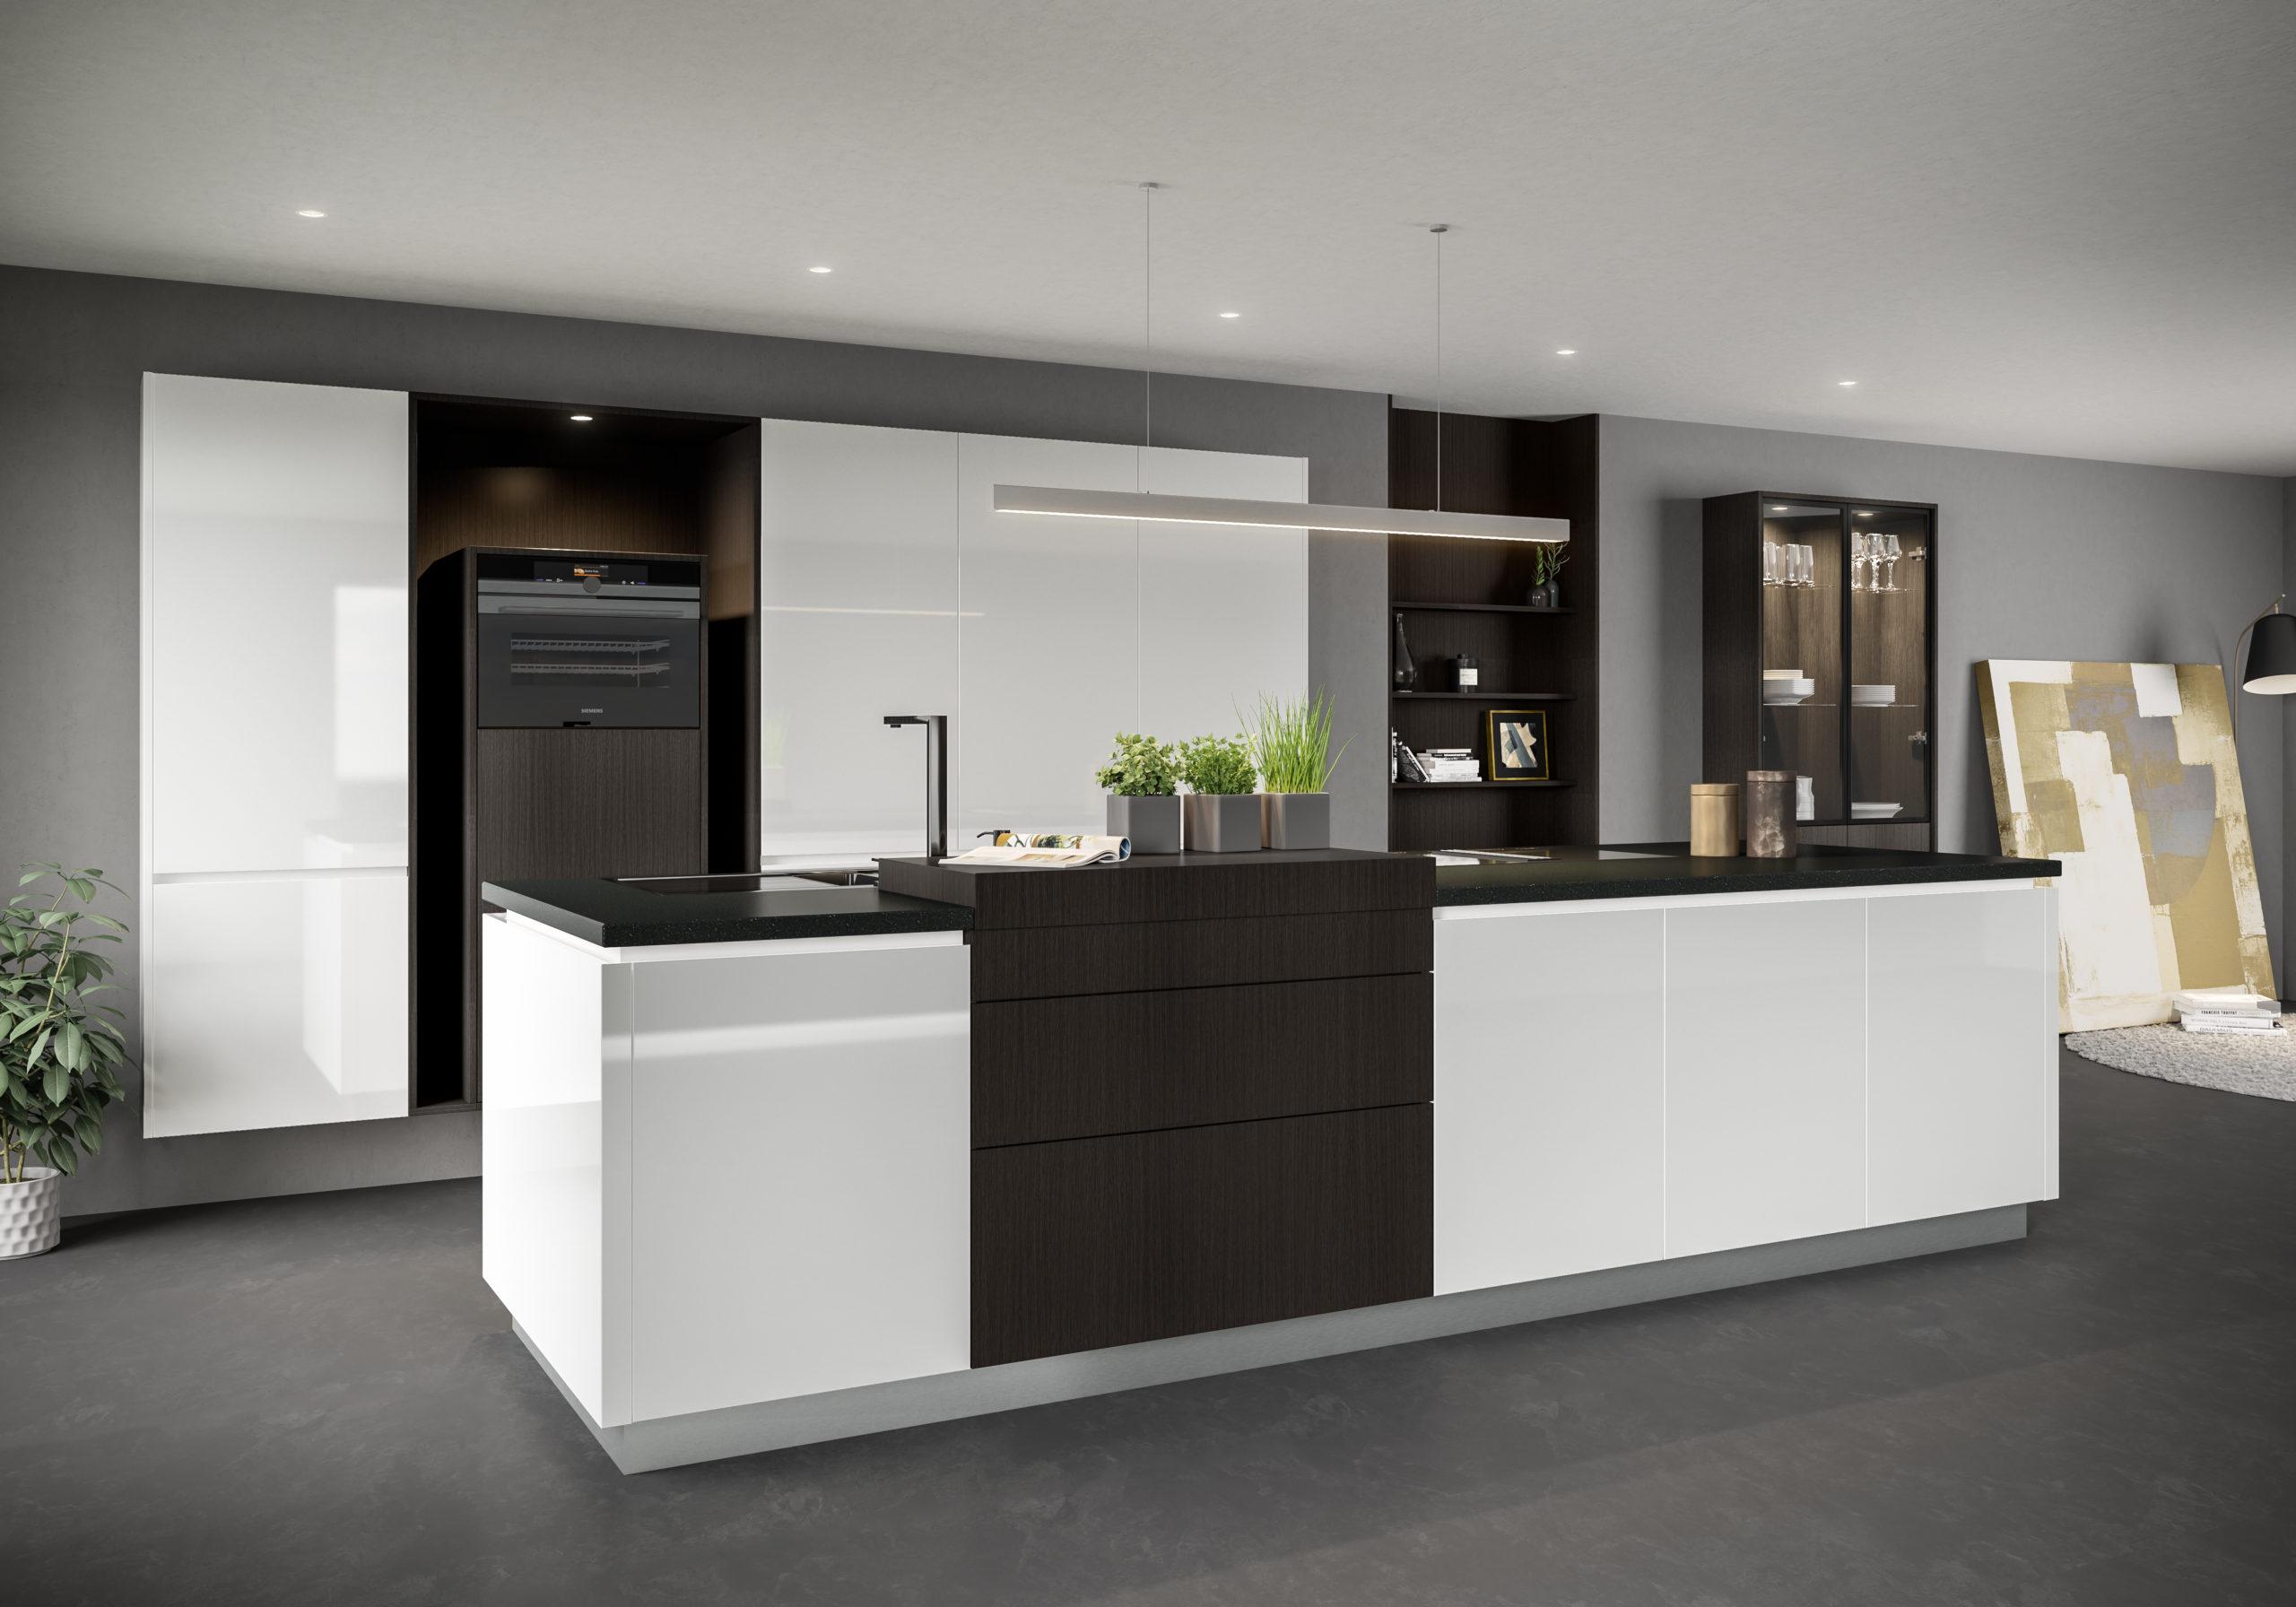 ALINA FRANKA 01 scaled - Белая кухня – 7 идей дизайна и практические советы.